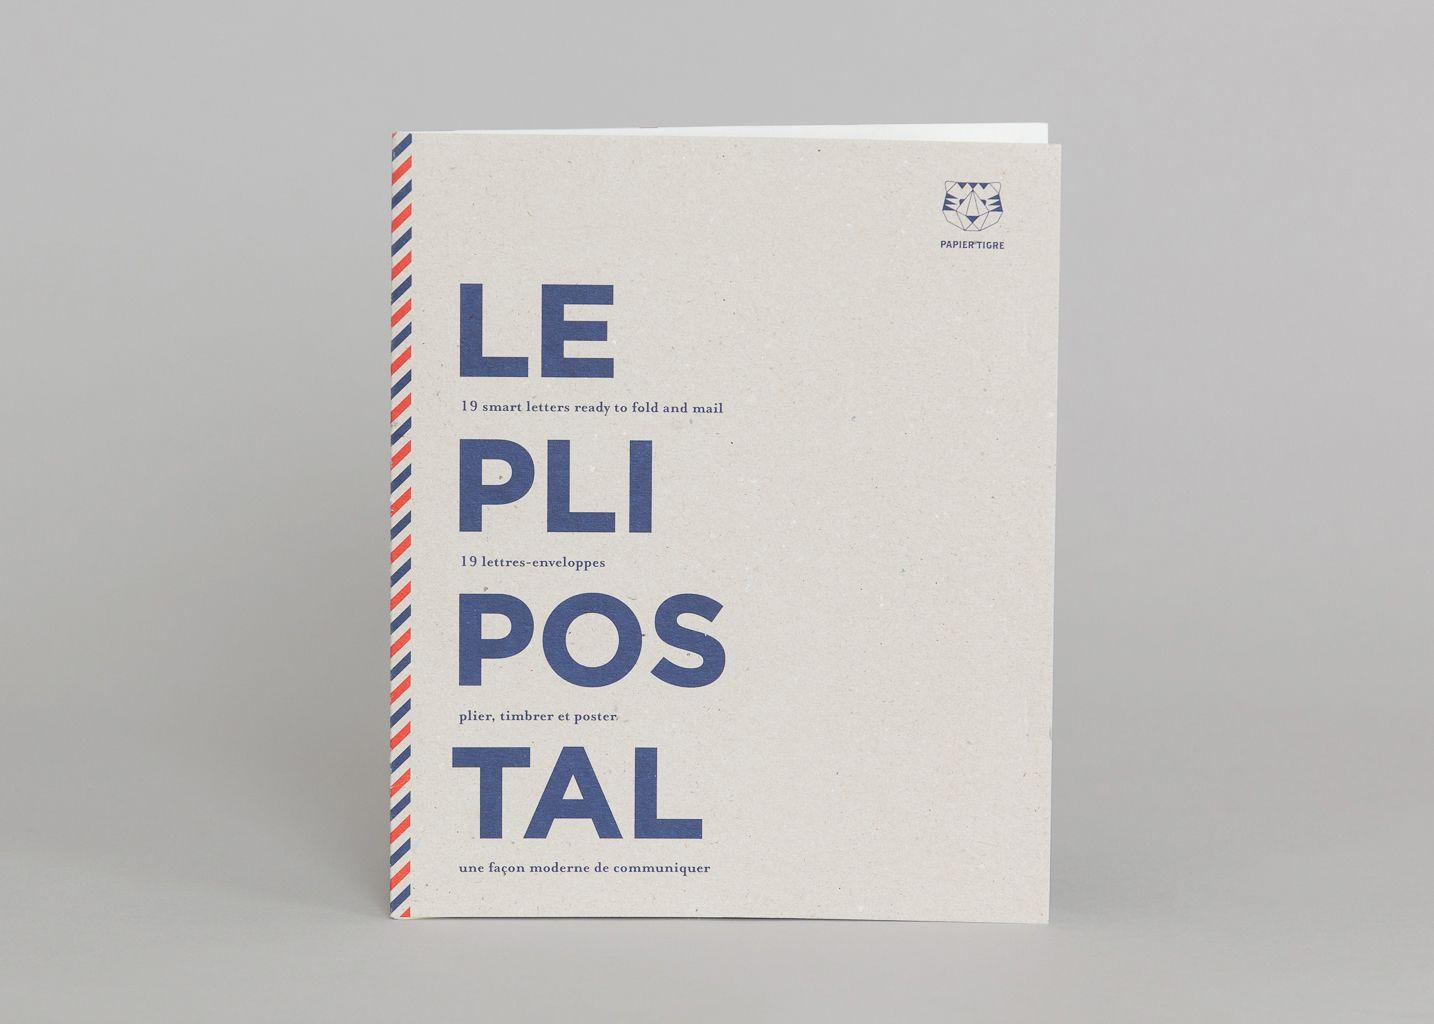 Le Pli Postal - Papier Tigre